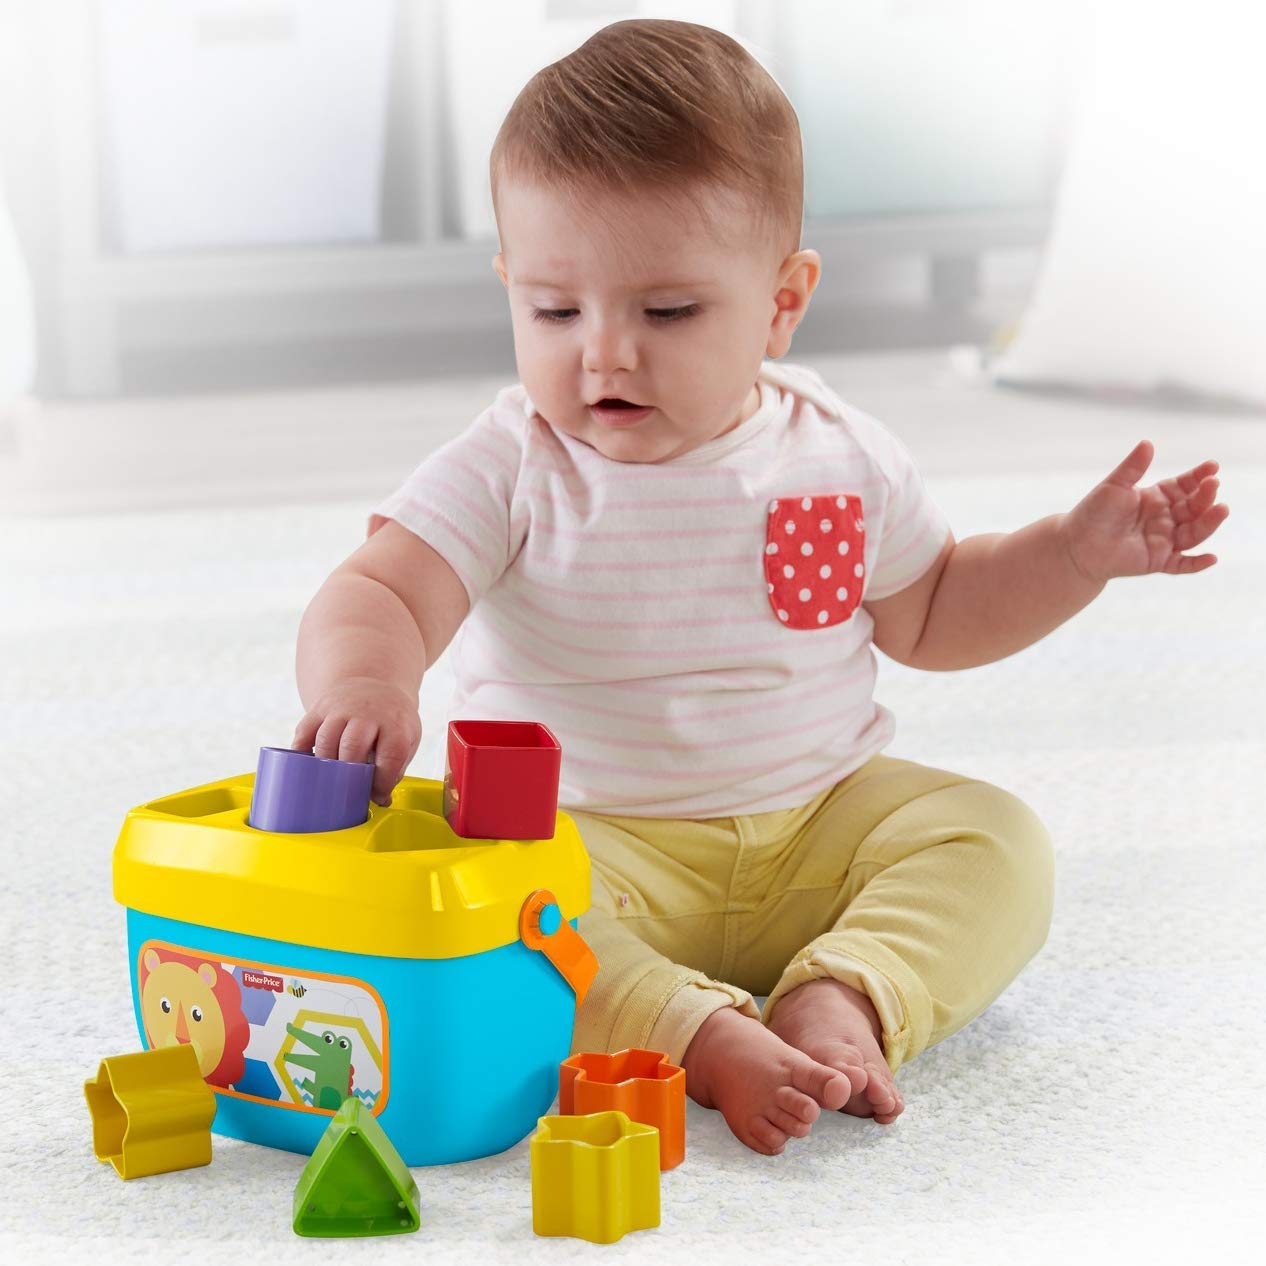 FisherPrice Baby First Blocks